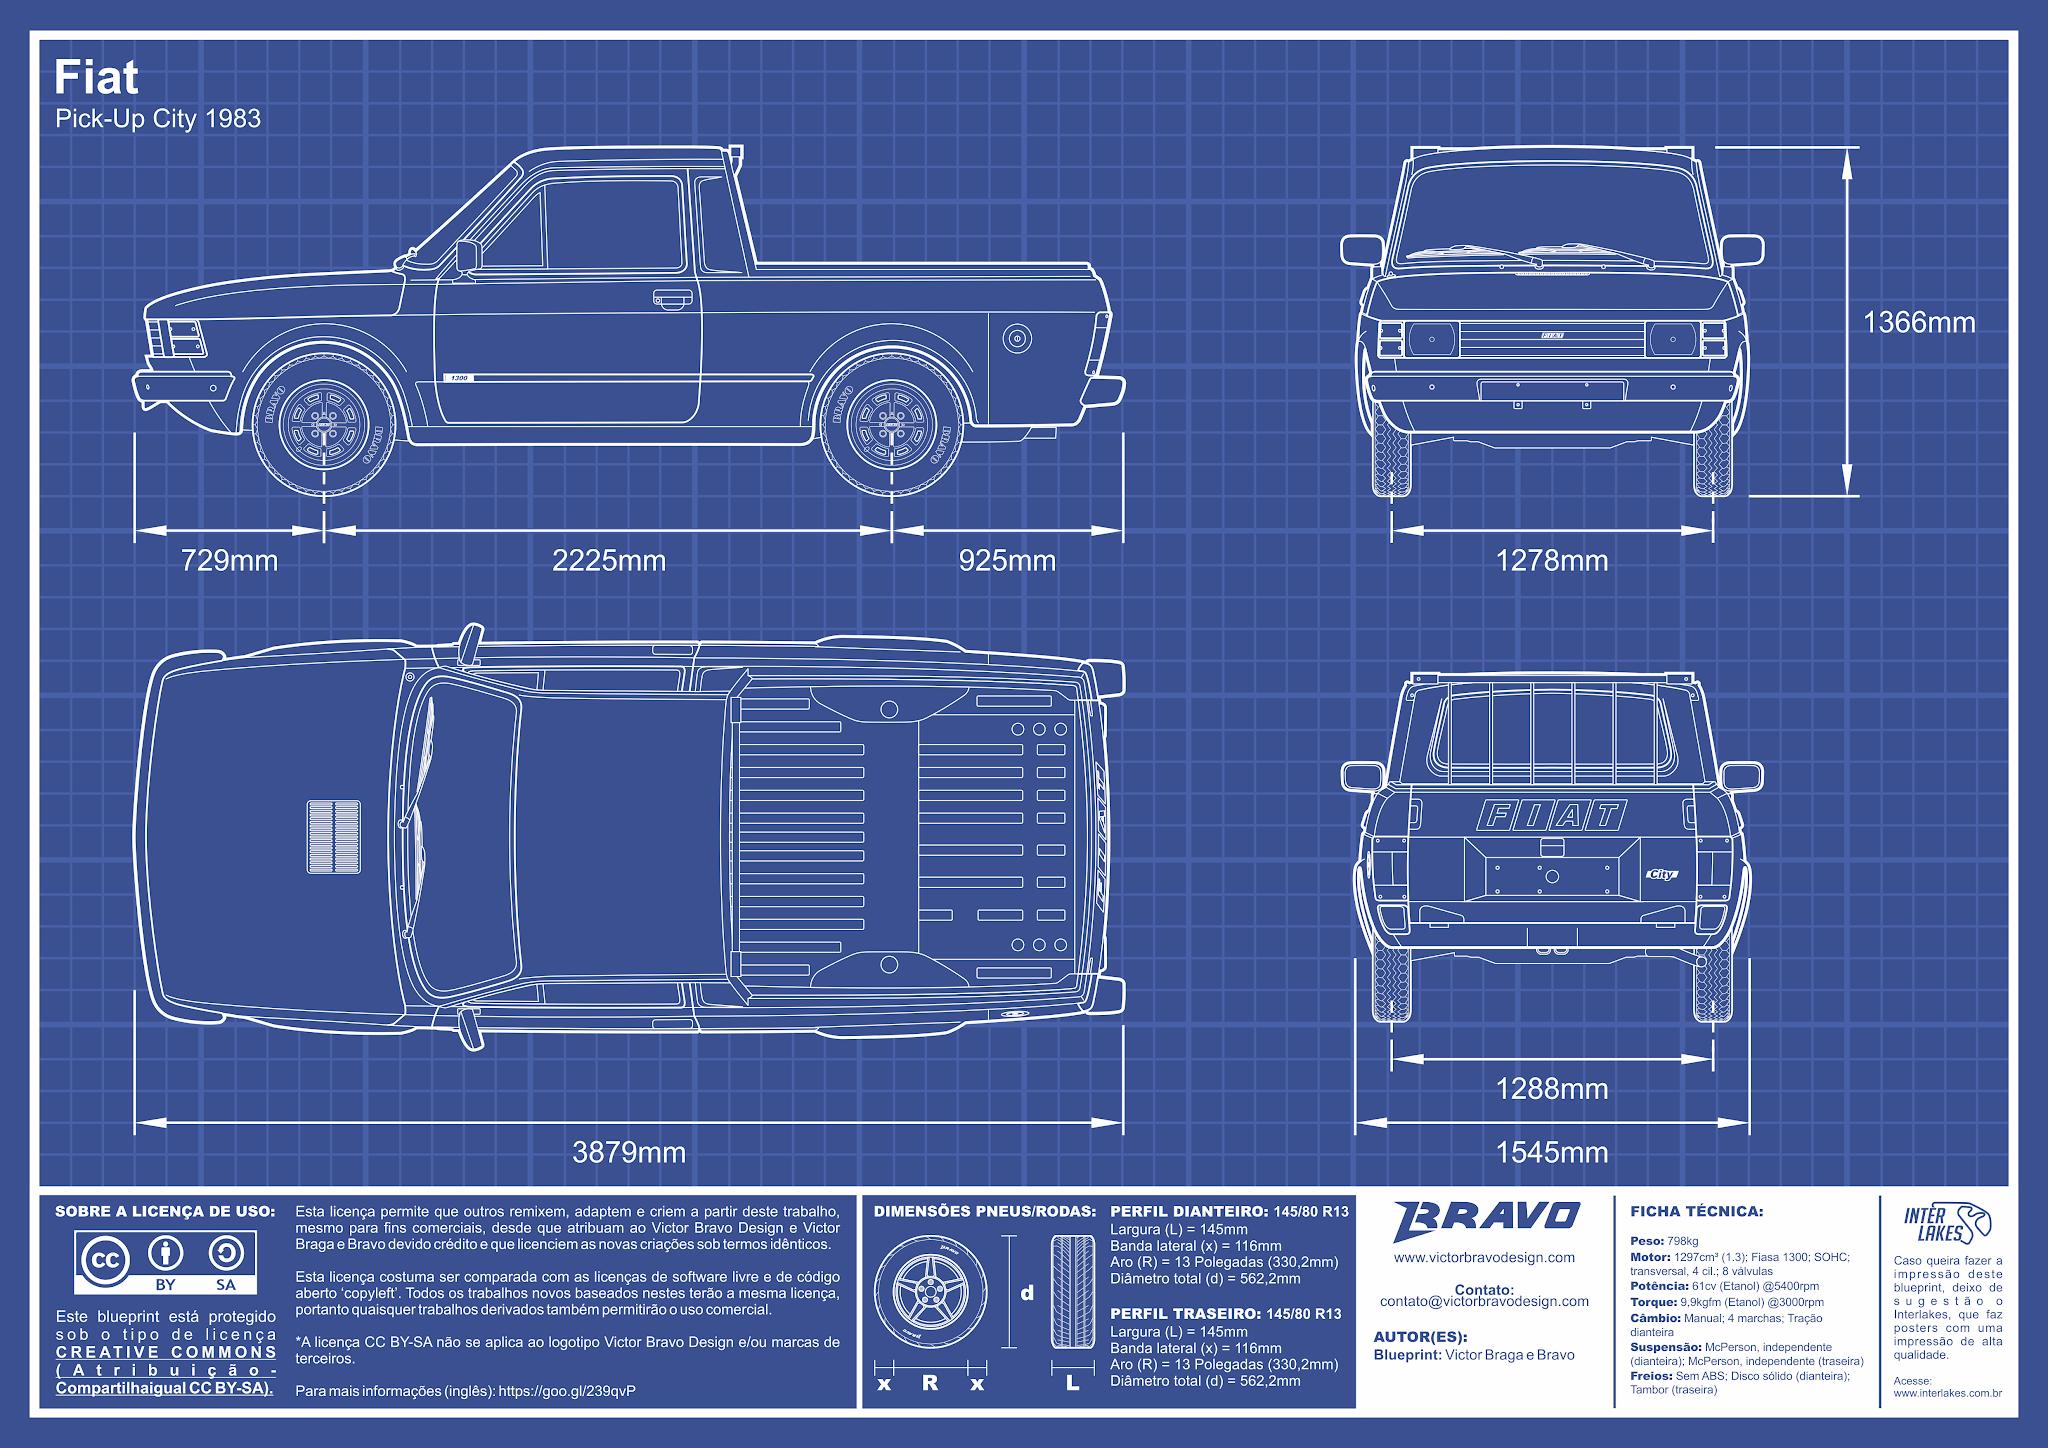 Imagem mostrando o desenho do blueprint do Fiat Pick-Up City 1983